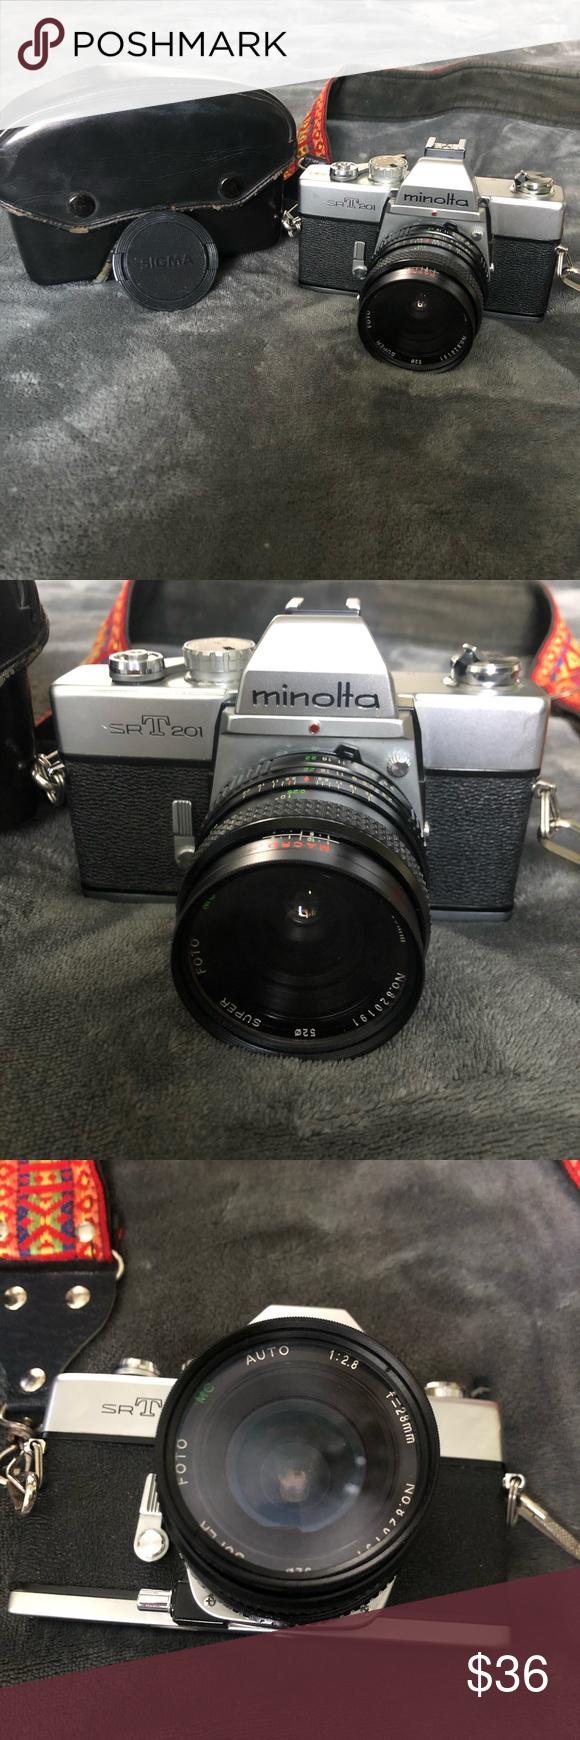 Sold Minolta Srt 201 Camera Like New Lens Caps Sigma Lenses Camera